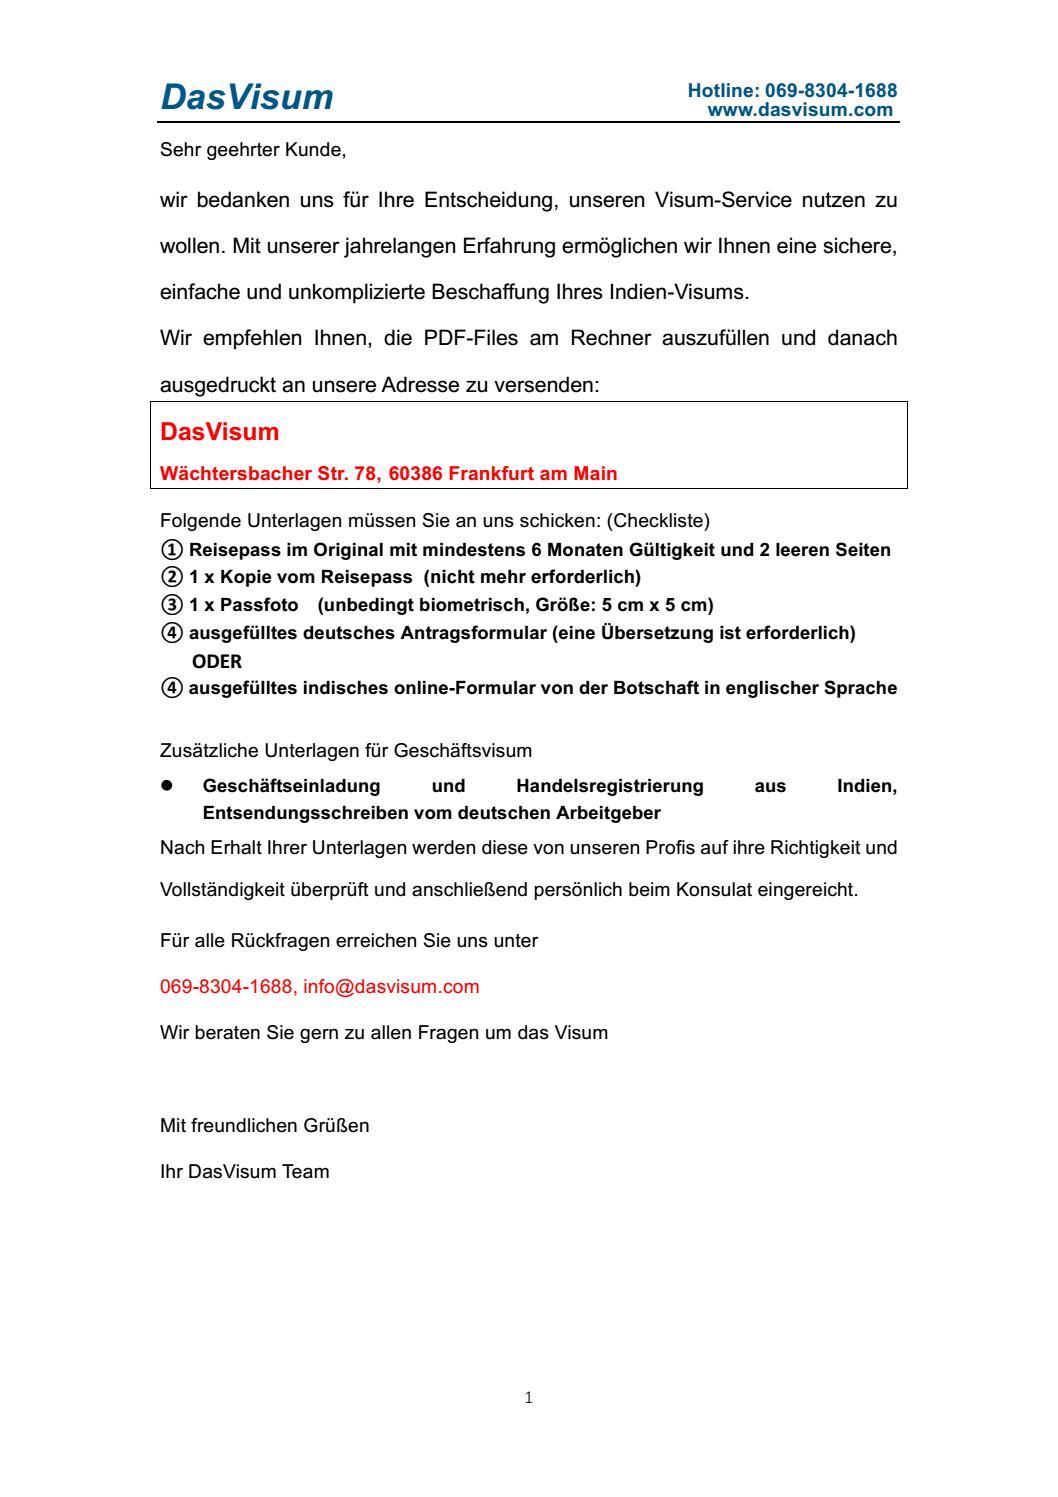 Indien neues antragsformular by tim111 - issuu